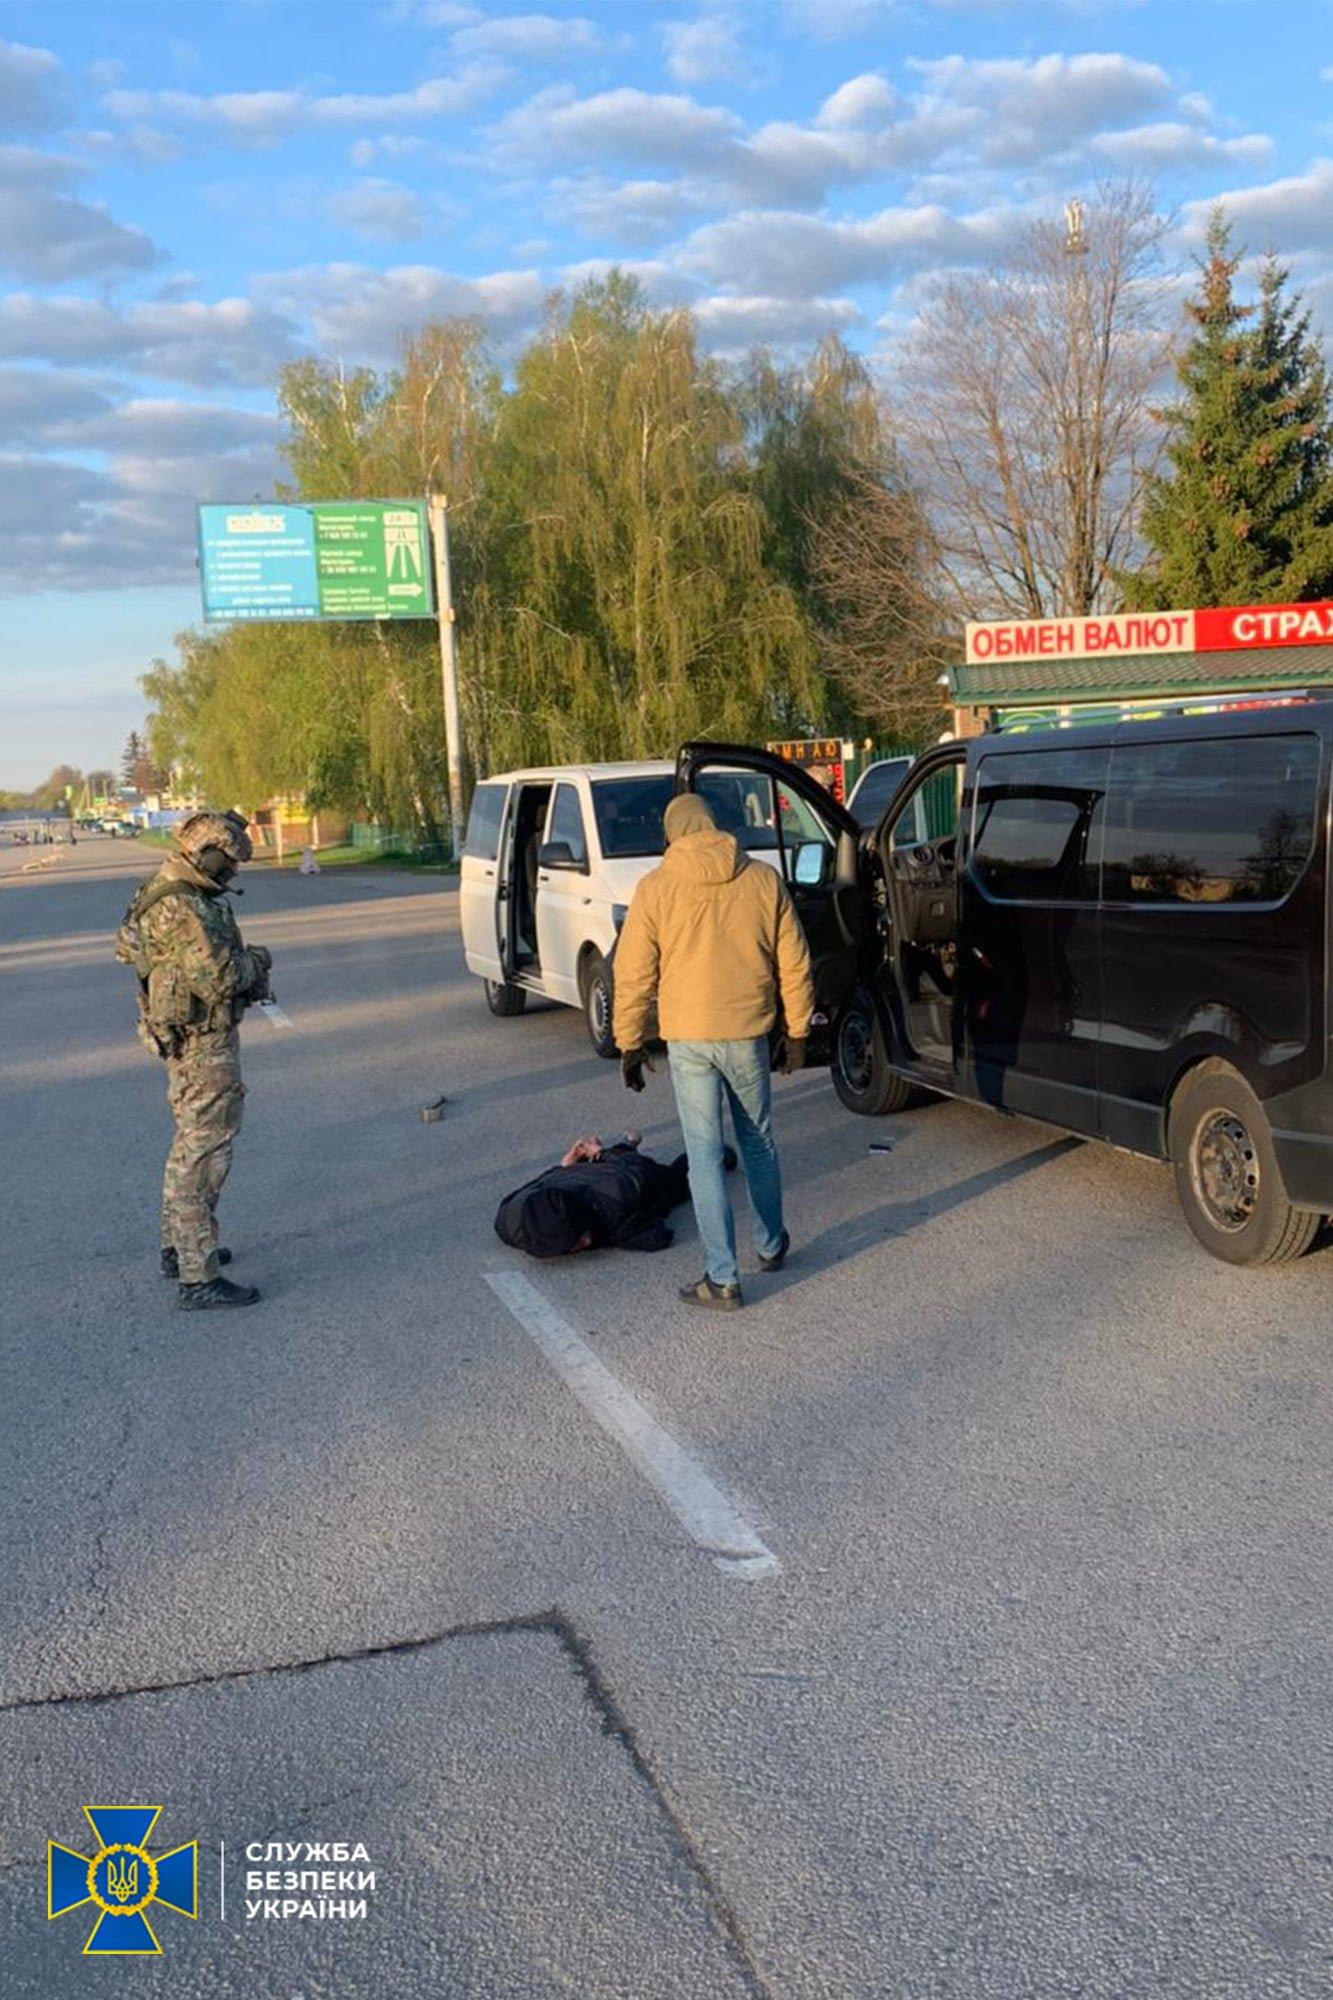 В Днепре СБУ накрыла схему перевозок в ОРДЛО и РФ: люди платили деньги боевикам, фото-1